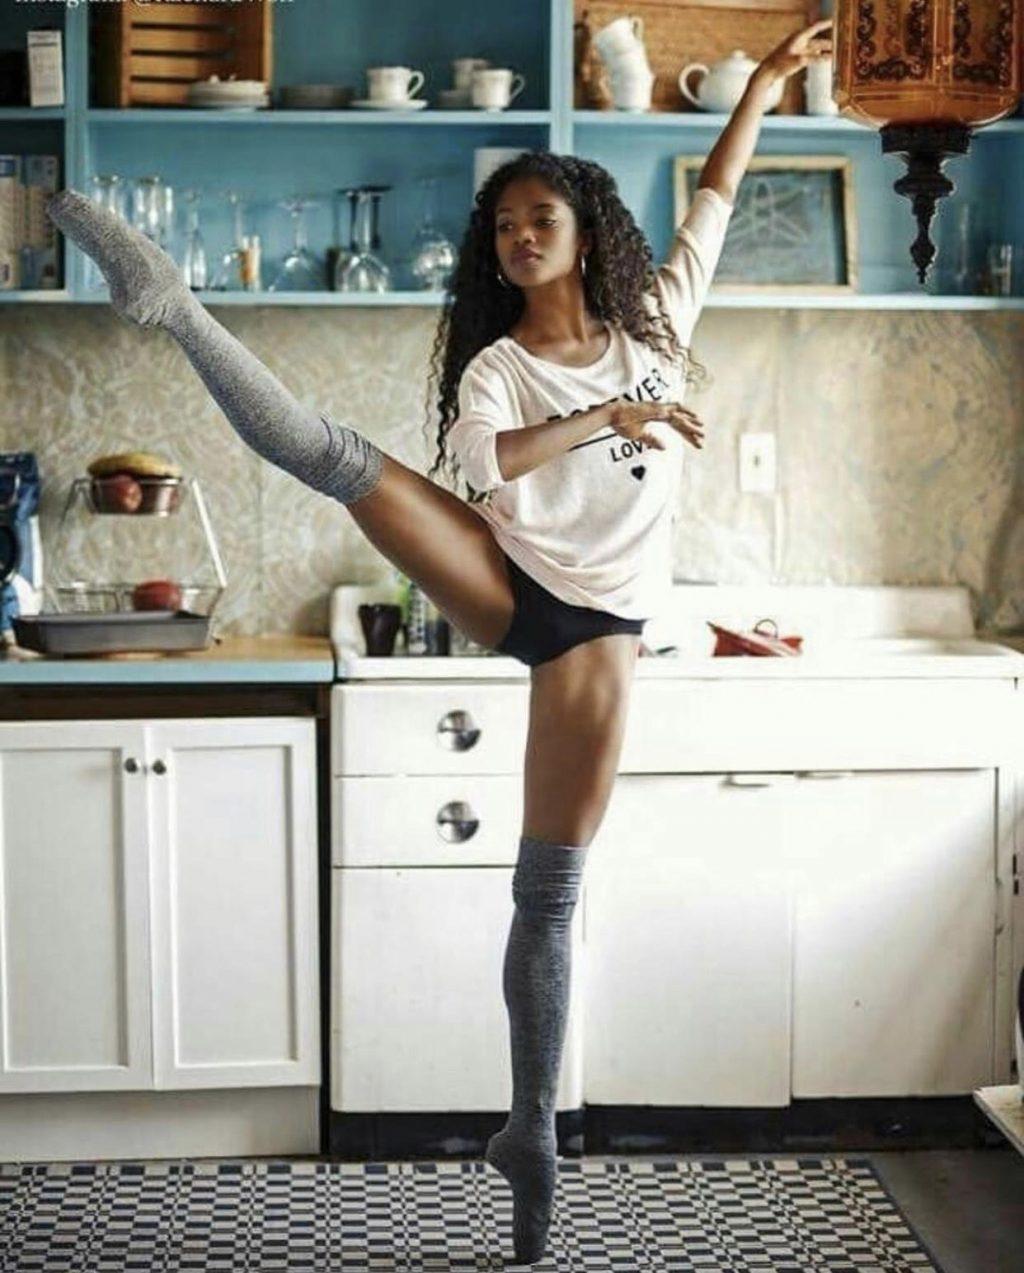 nardia boodoo in kitchen